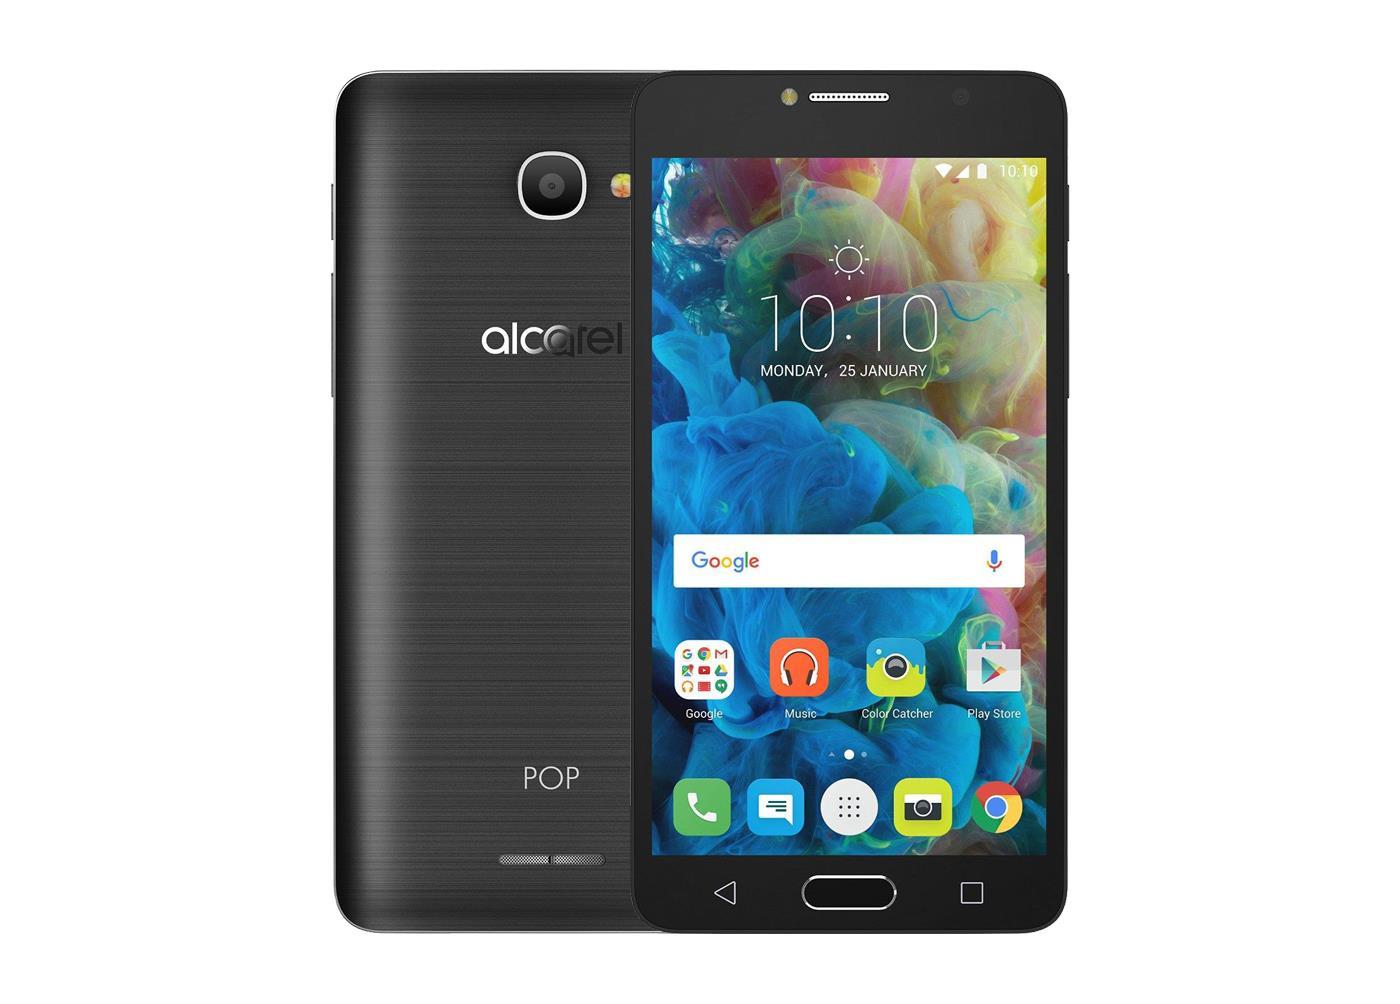 OUTLET Alcatel Pop 4S LTE OctaCore Dual SIM IPS